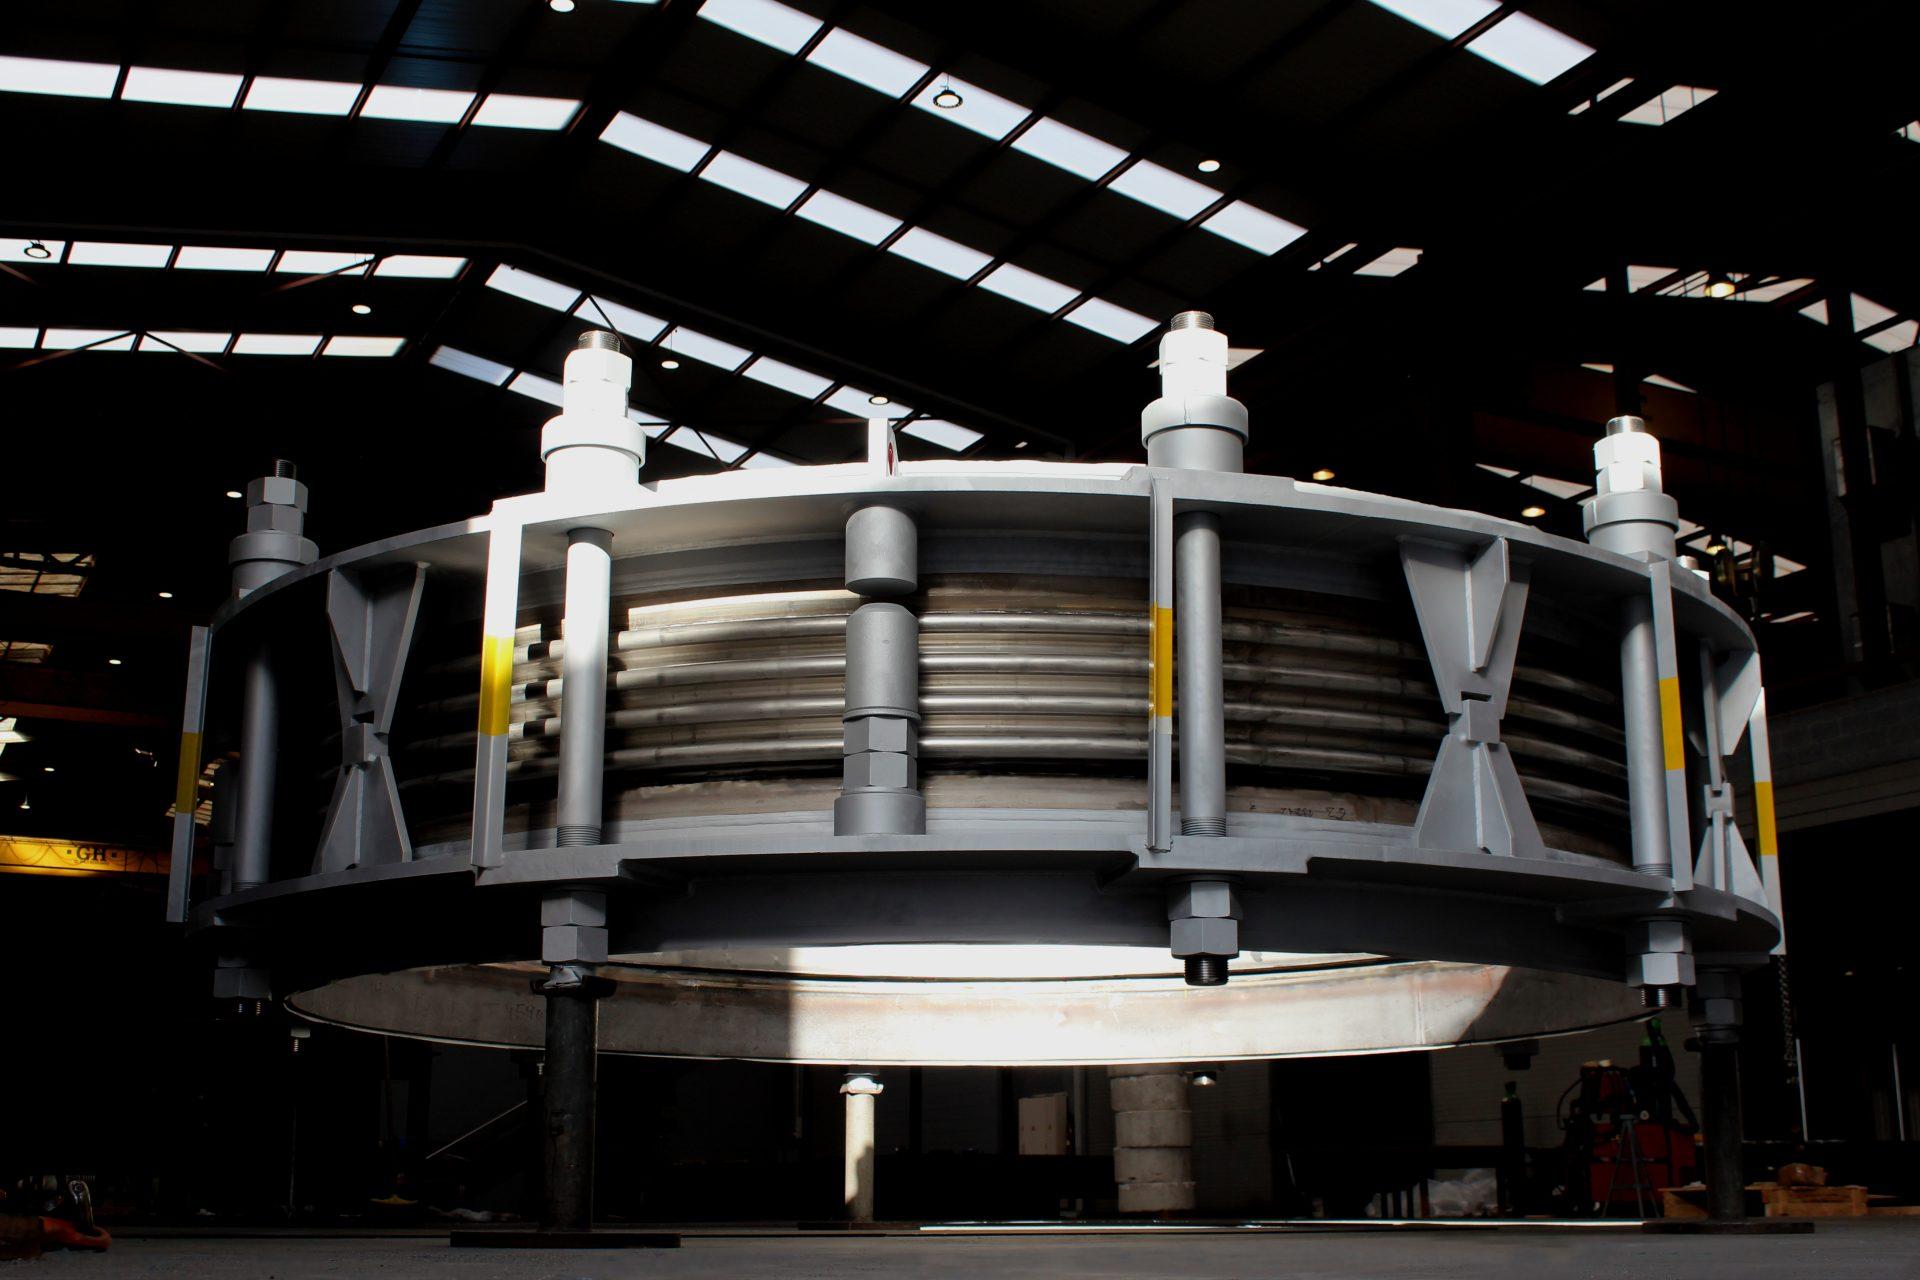 MACOGA provee juntas de expansión DN 4200 de alta tecnología para acería en el norte de Europa